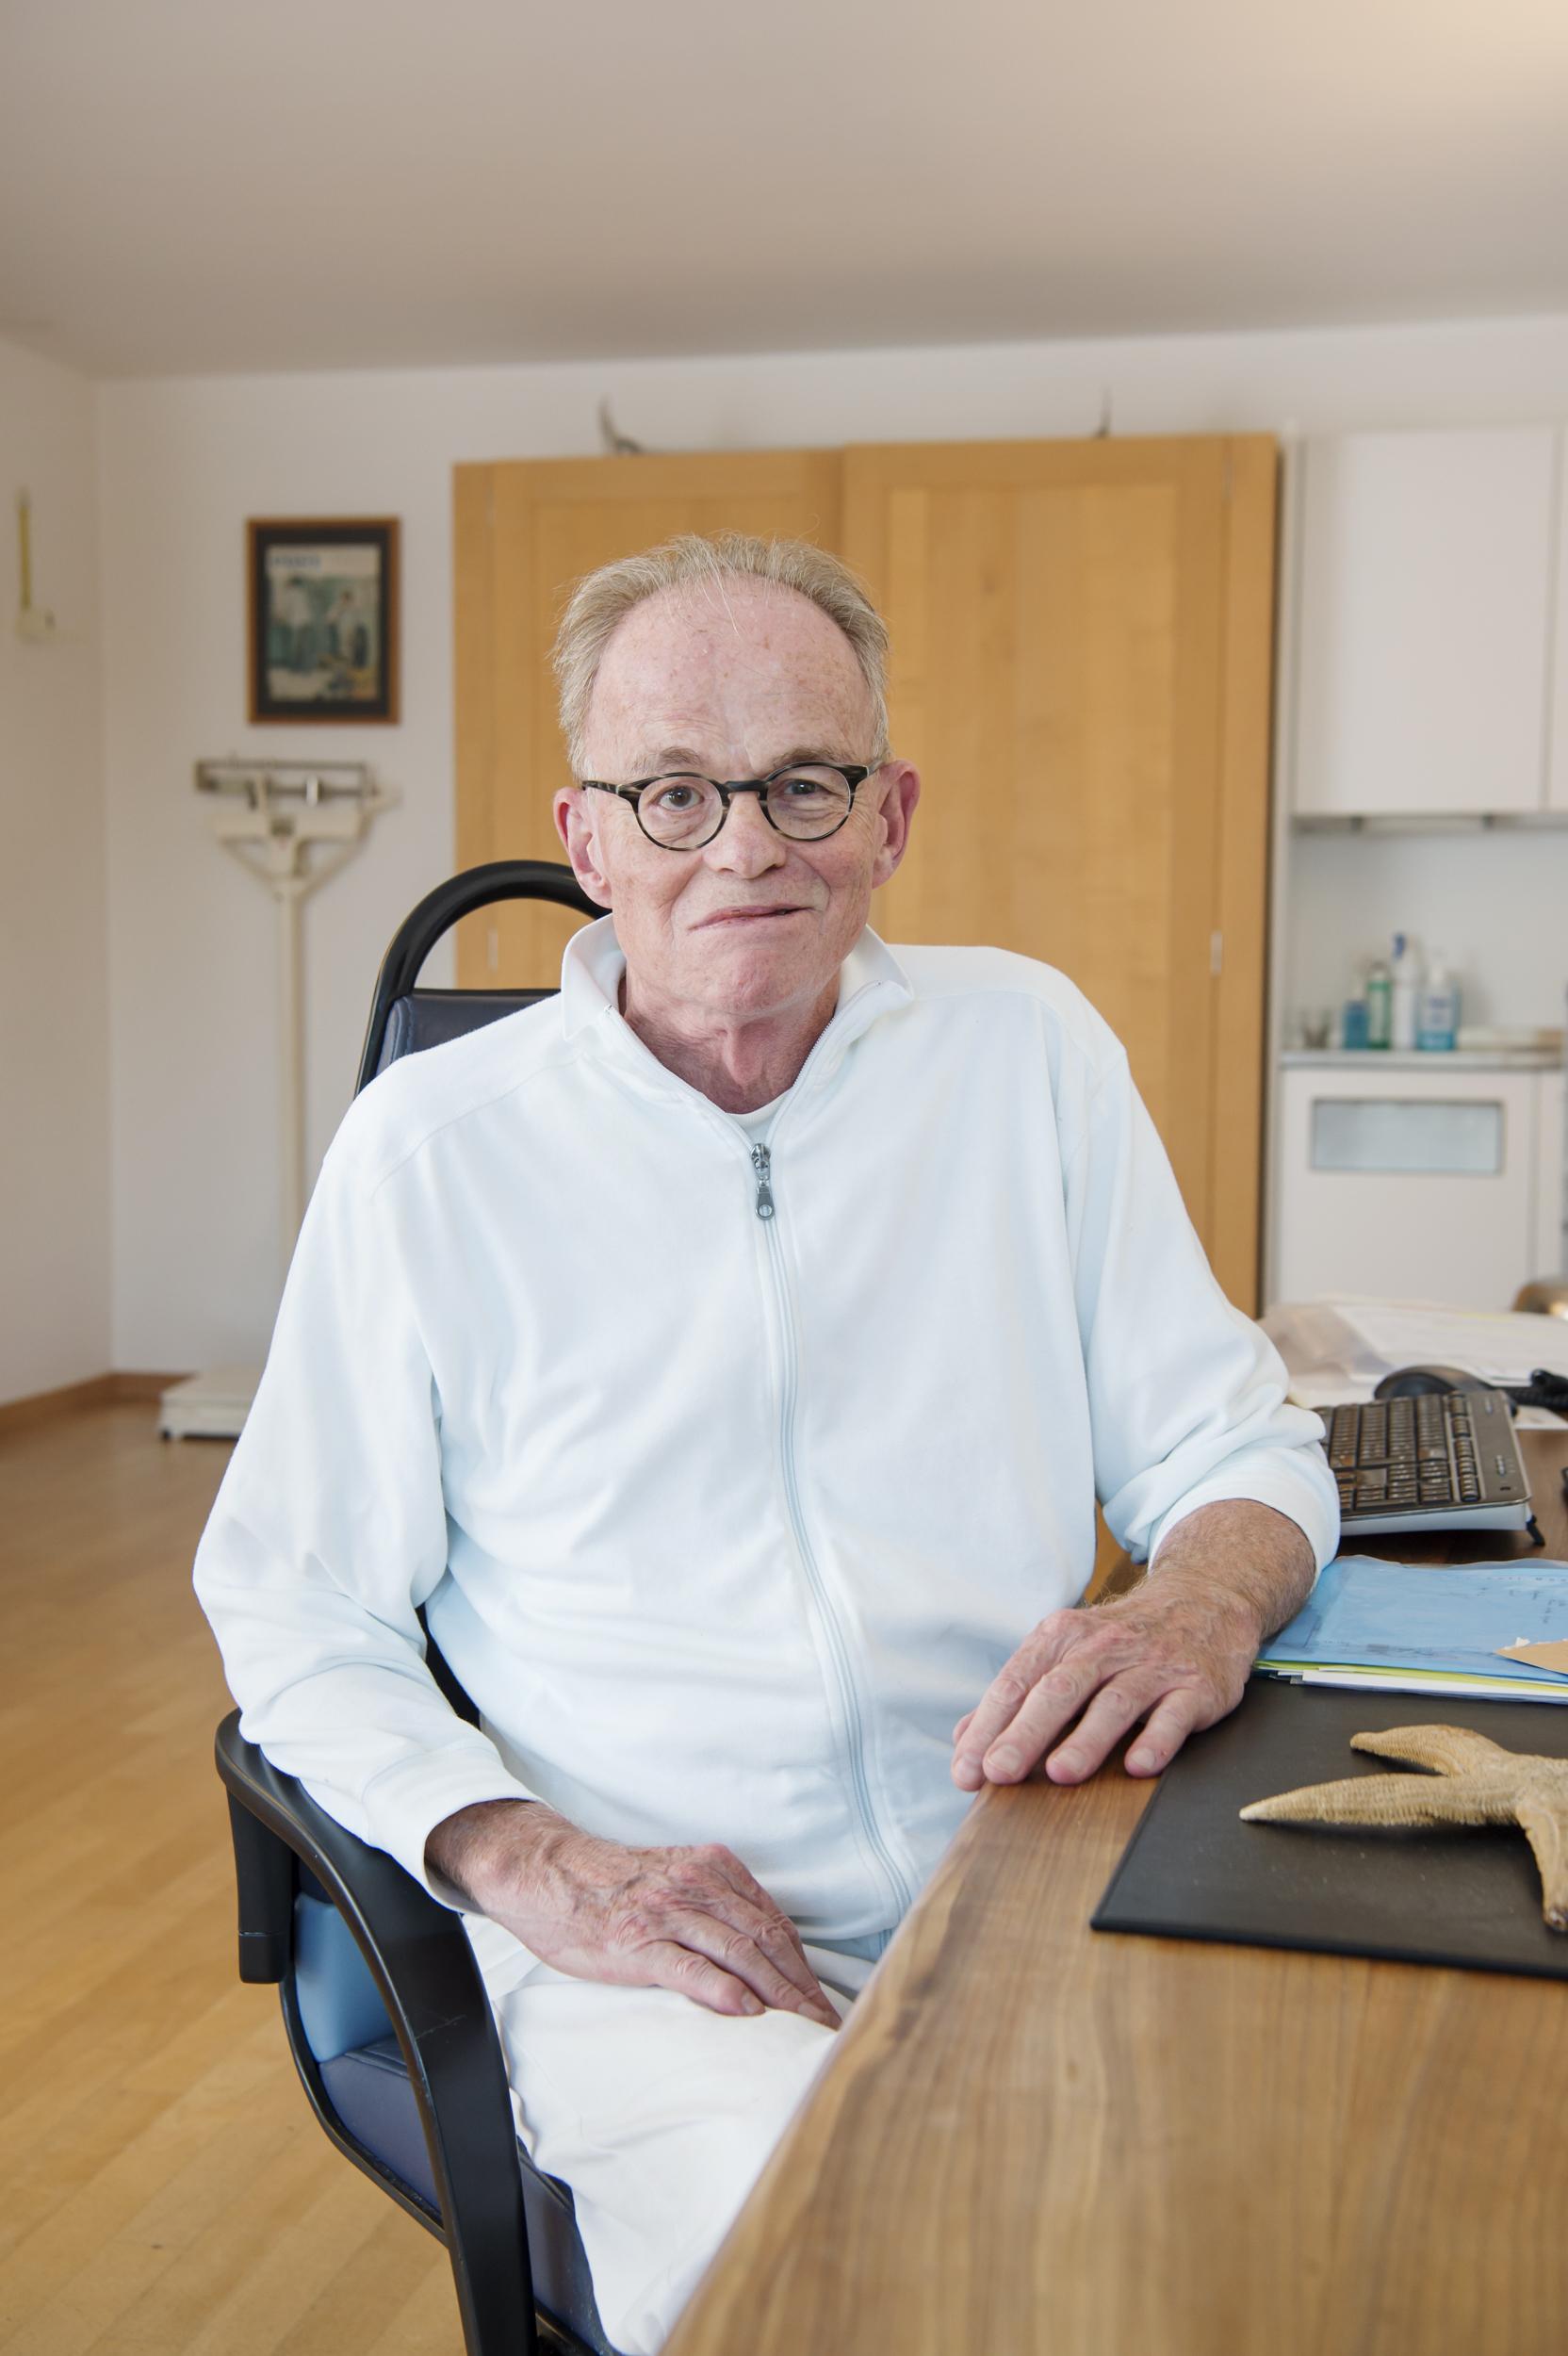 Portrait von Dr. Bruno Maggi am Schreibtisch in seinem Sprechzimmer